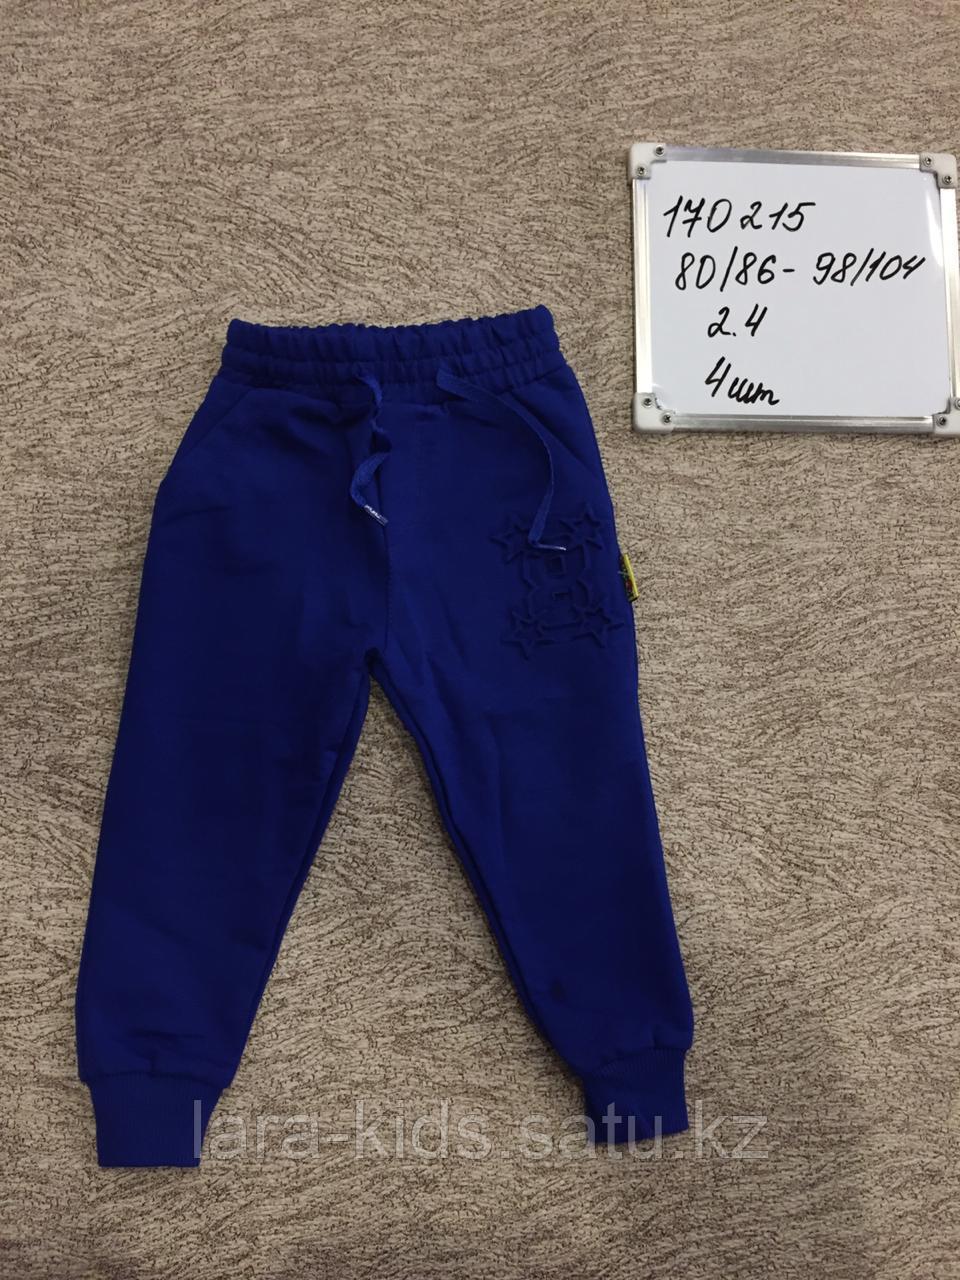 Спортивные штаны для маленьких детей